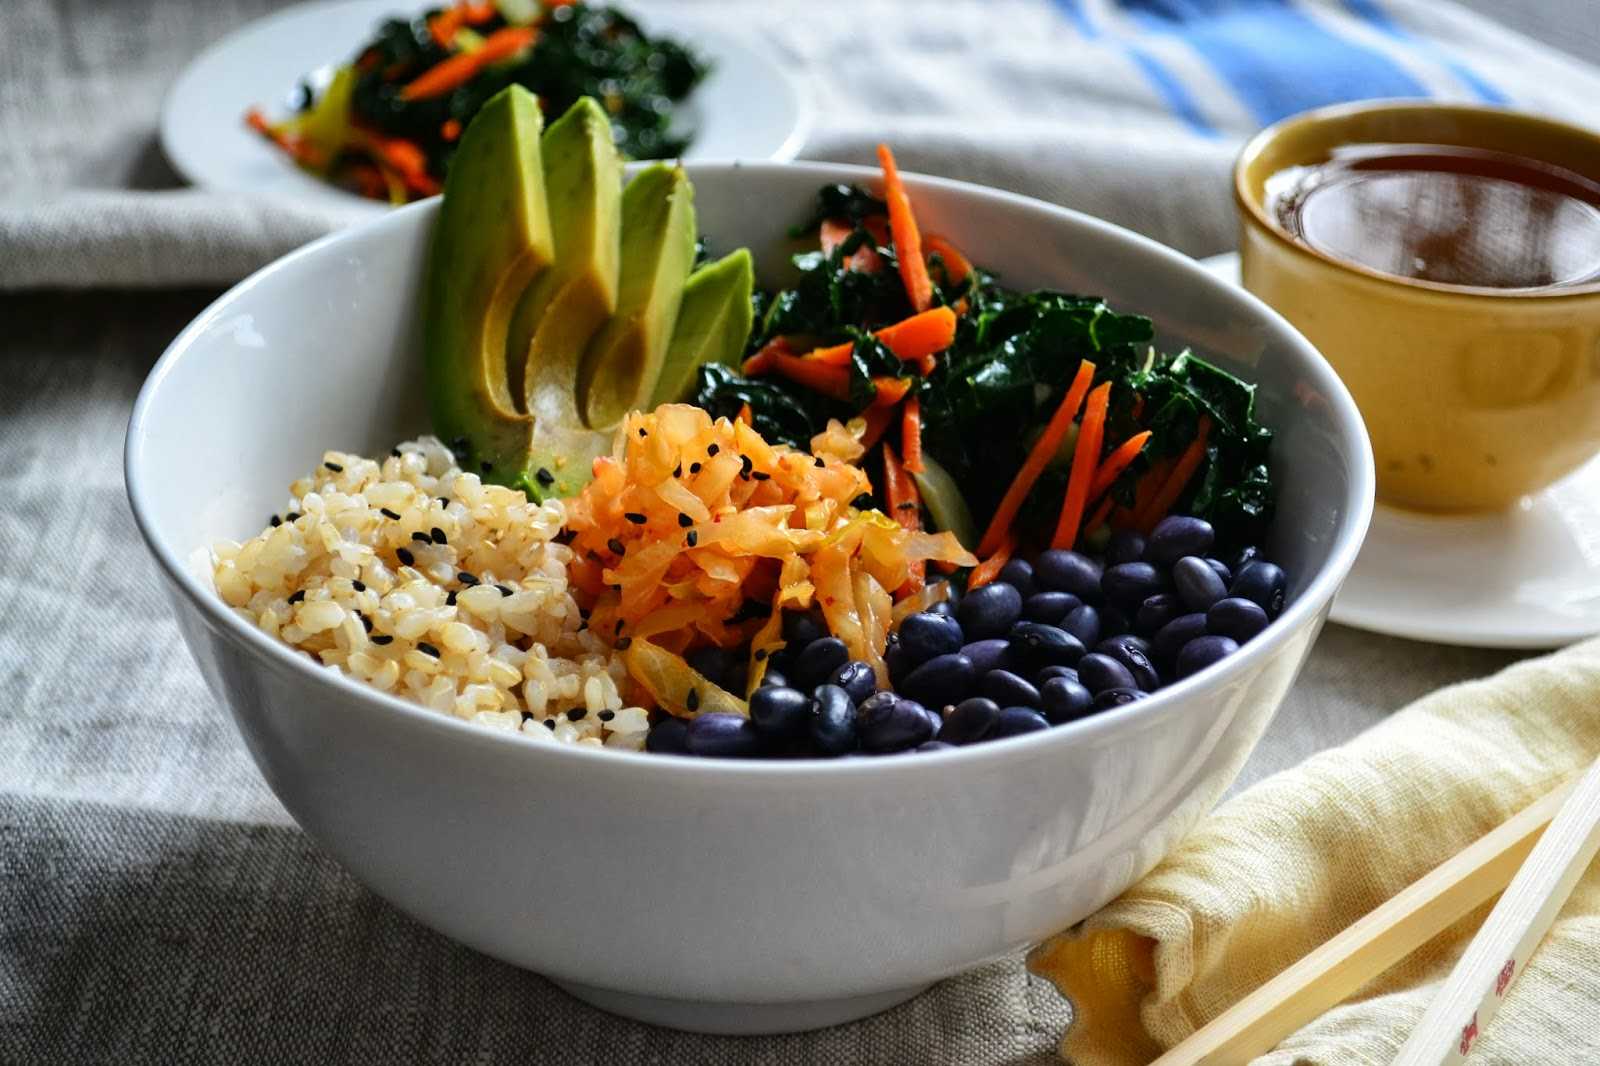 Макробиотическое Питание Диета 7 Отзывы. Макробиотика – питание для улучшения качества жизни человека